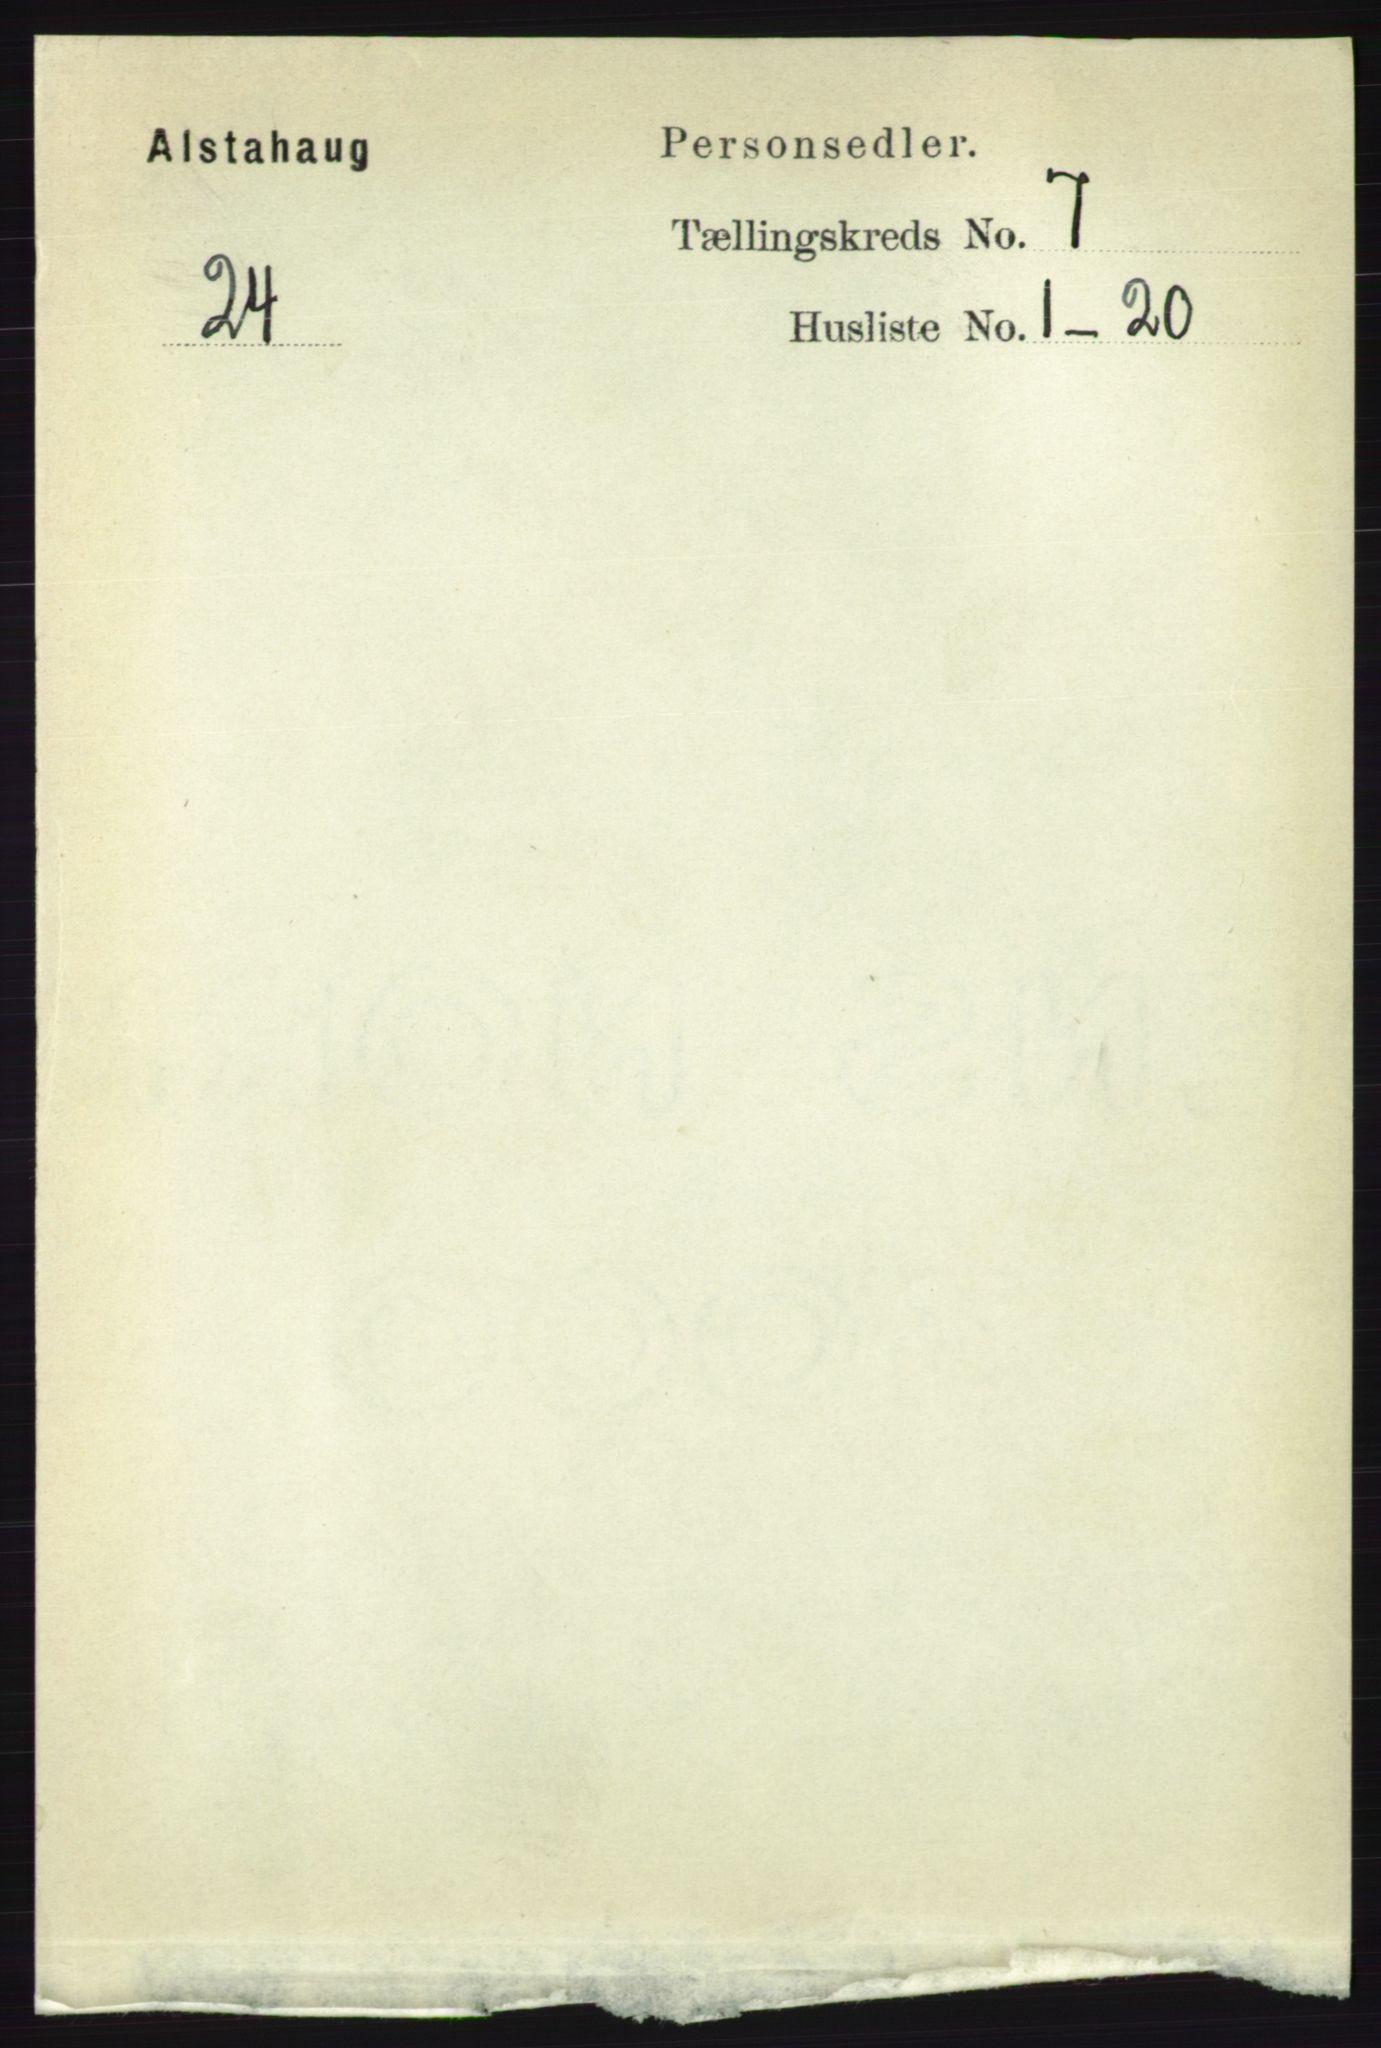 RA, Folketelling 1891 for 1820 Alstahaug herred, 1891, s. 2477